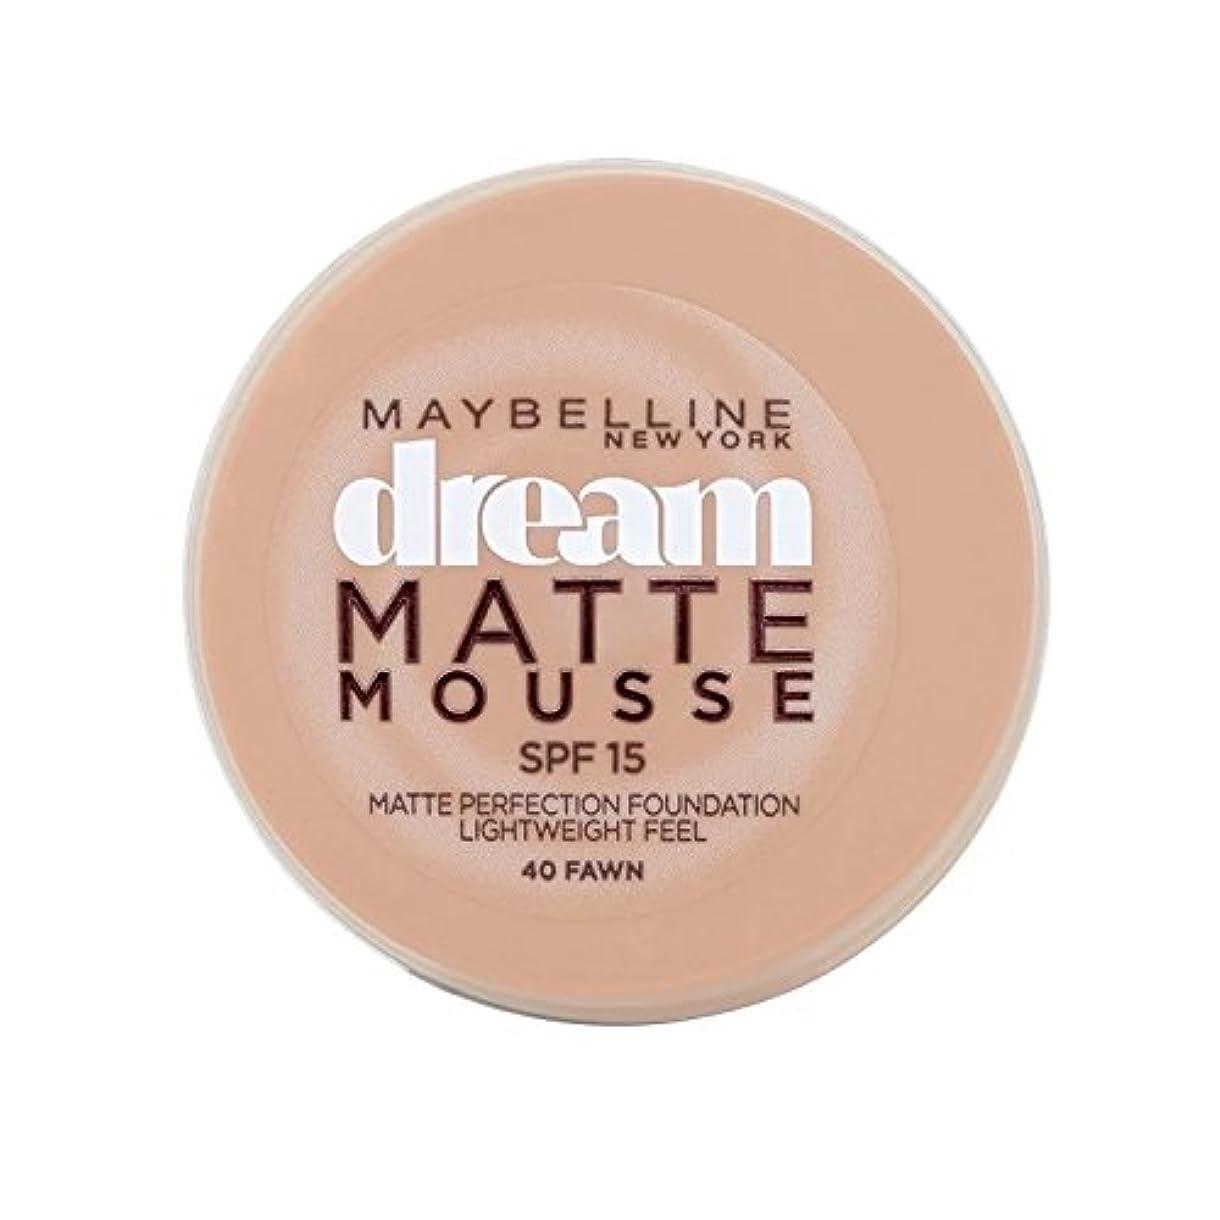 ページ文言コンパニオンメイベリン夢のマットムース土台40子鹿の10ミリリットル x2 - Maybelline Dream Matte Mousse Foundation 40 Fawn 10ml (Pack of 2) [並行輸入品]